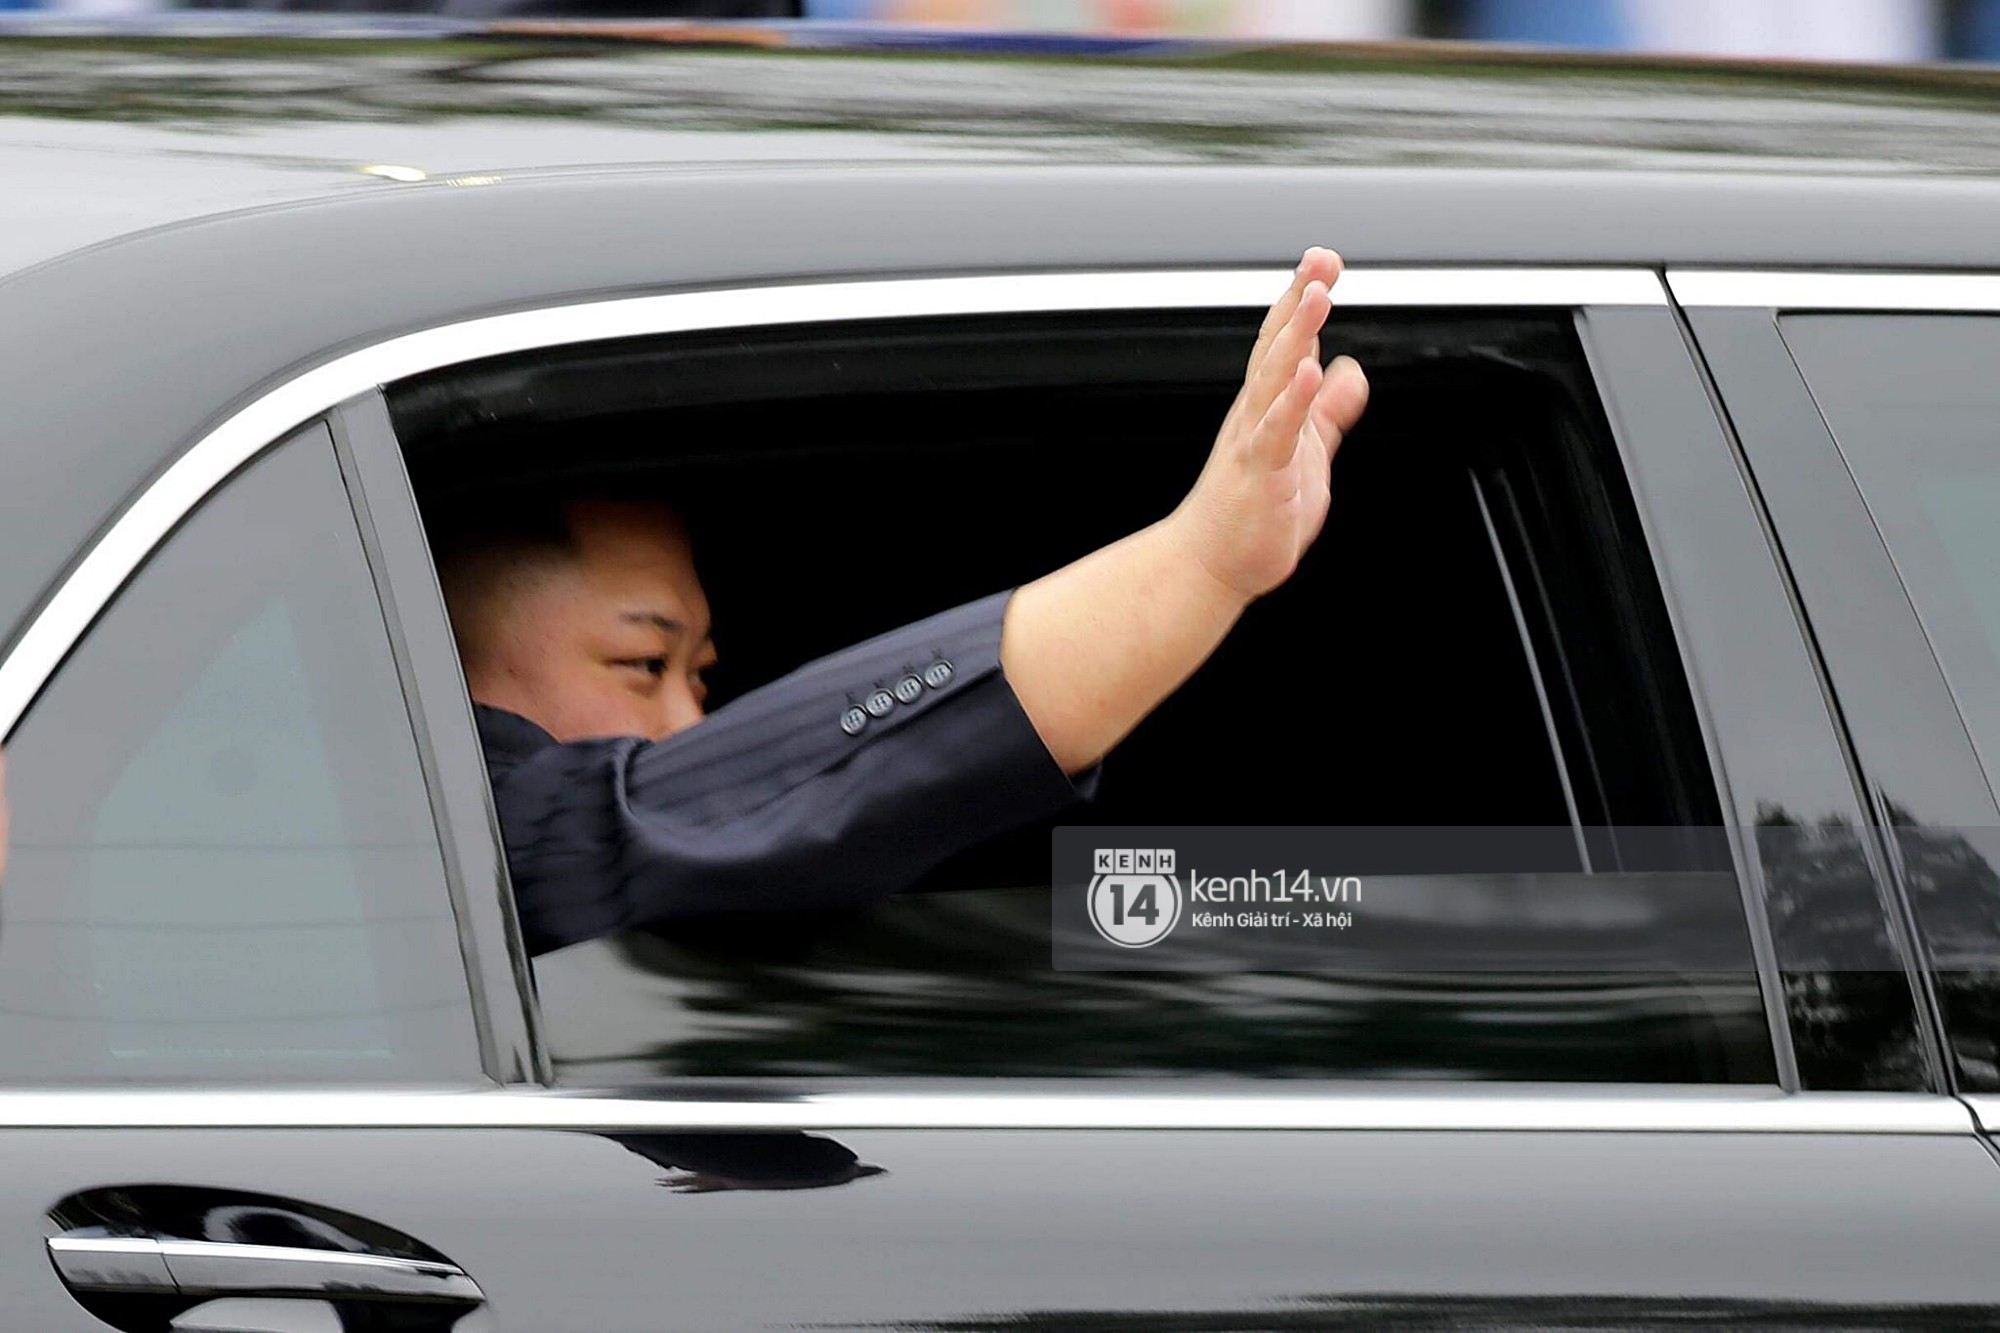 Dàn vệ sĩ tinh nhuệ tái hiện màn chạy bộ ấn tượng bên xe của Chủ tịch Kim Jong-un trước ga Đồng Đăng - Ảnh 5.